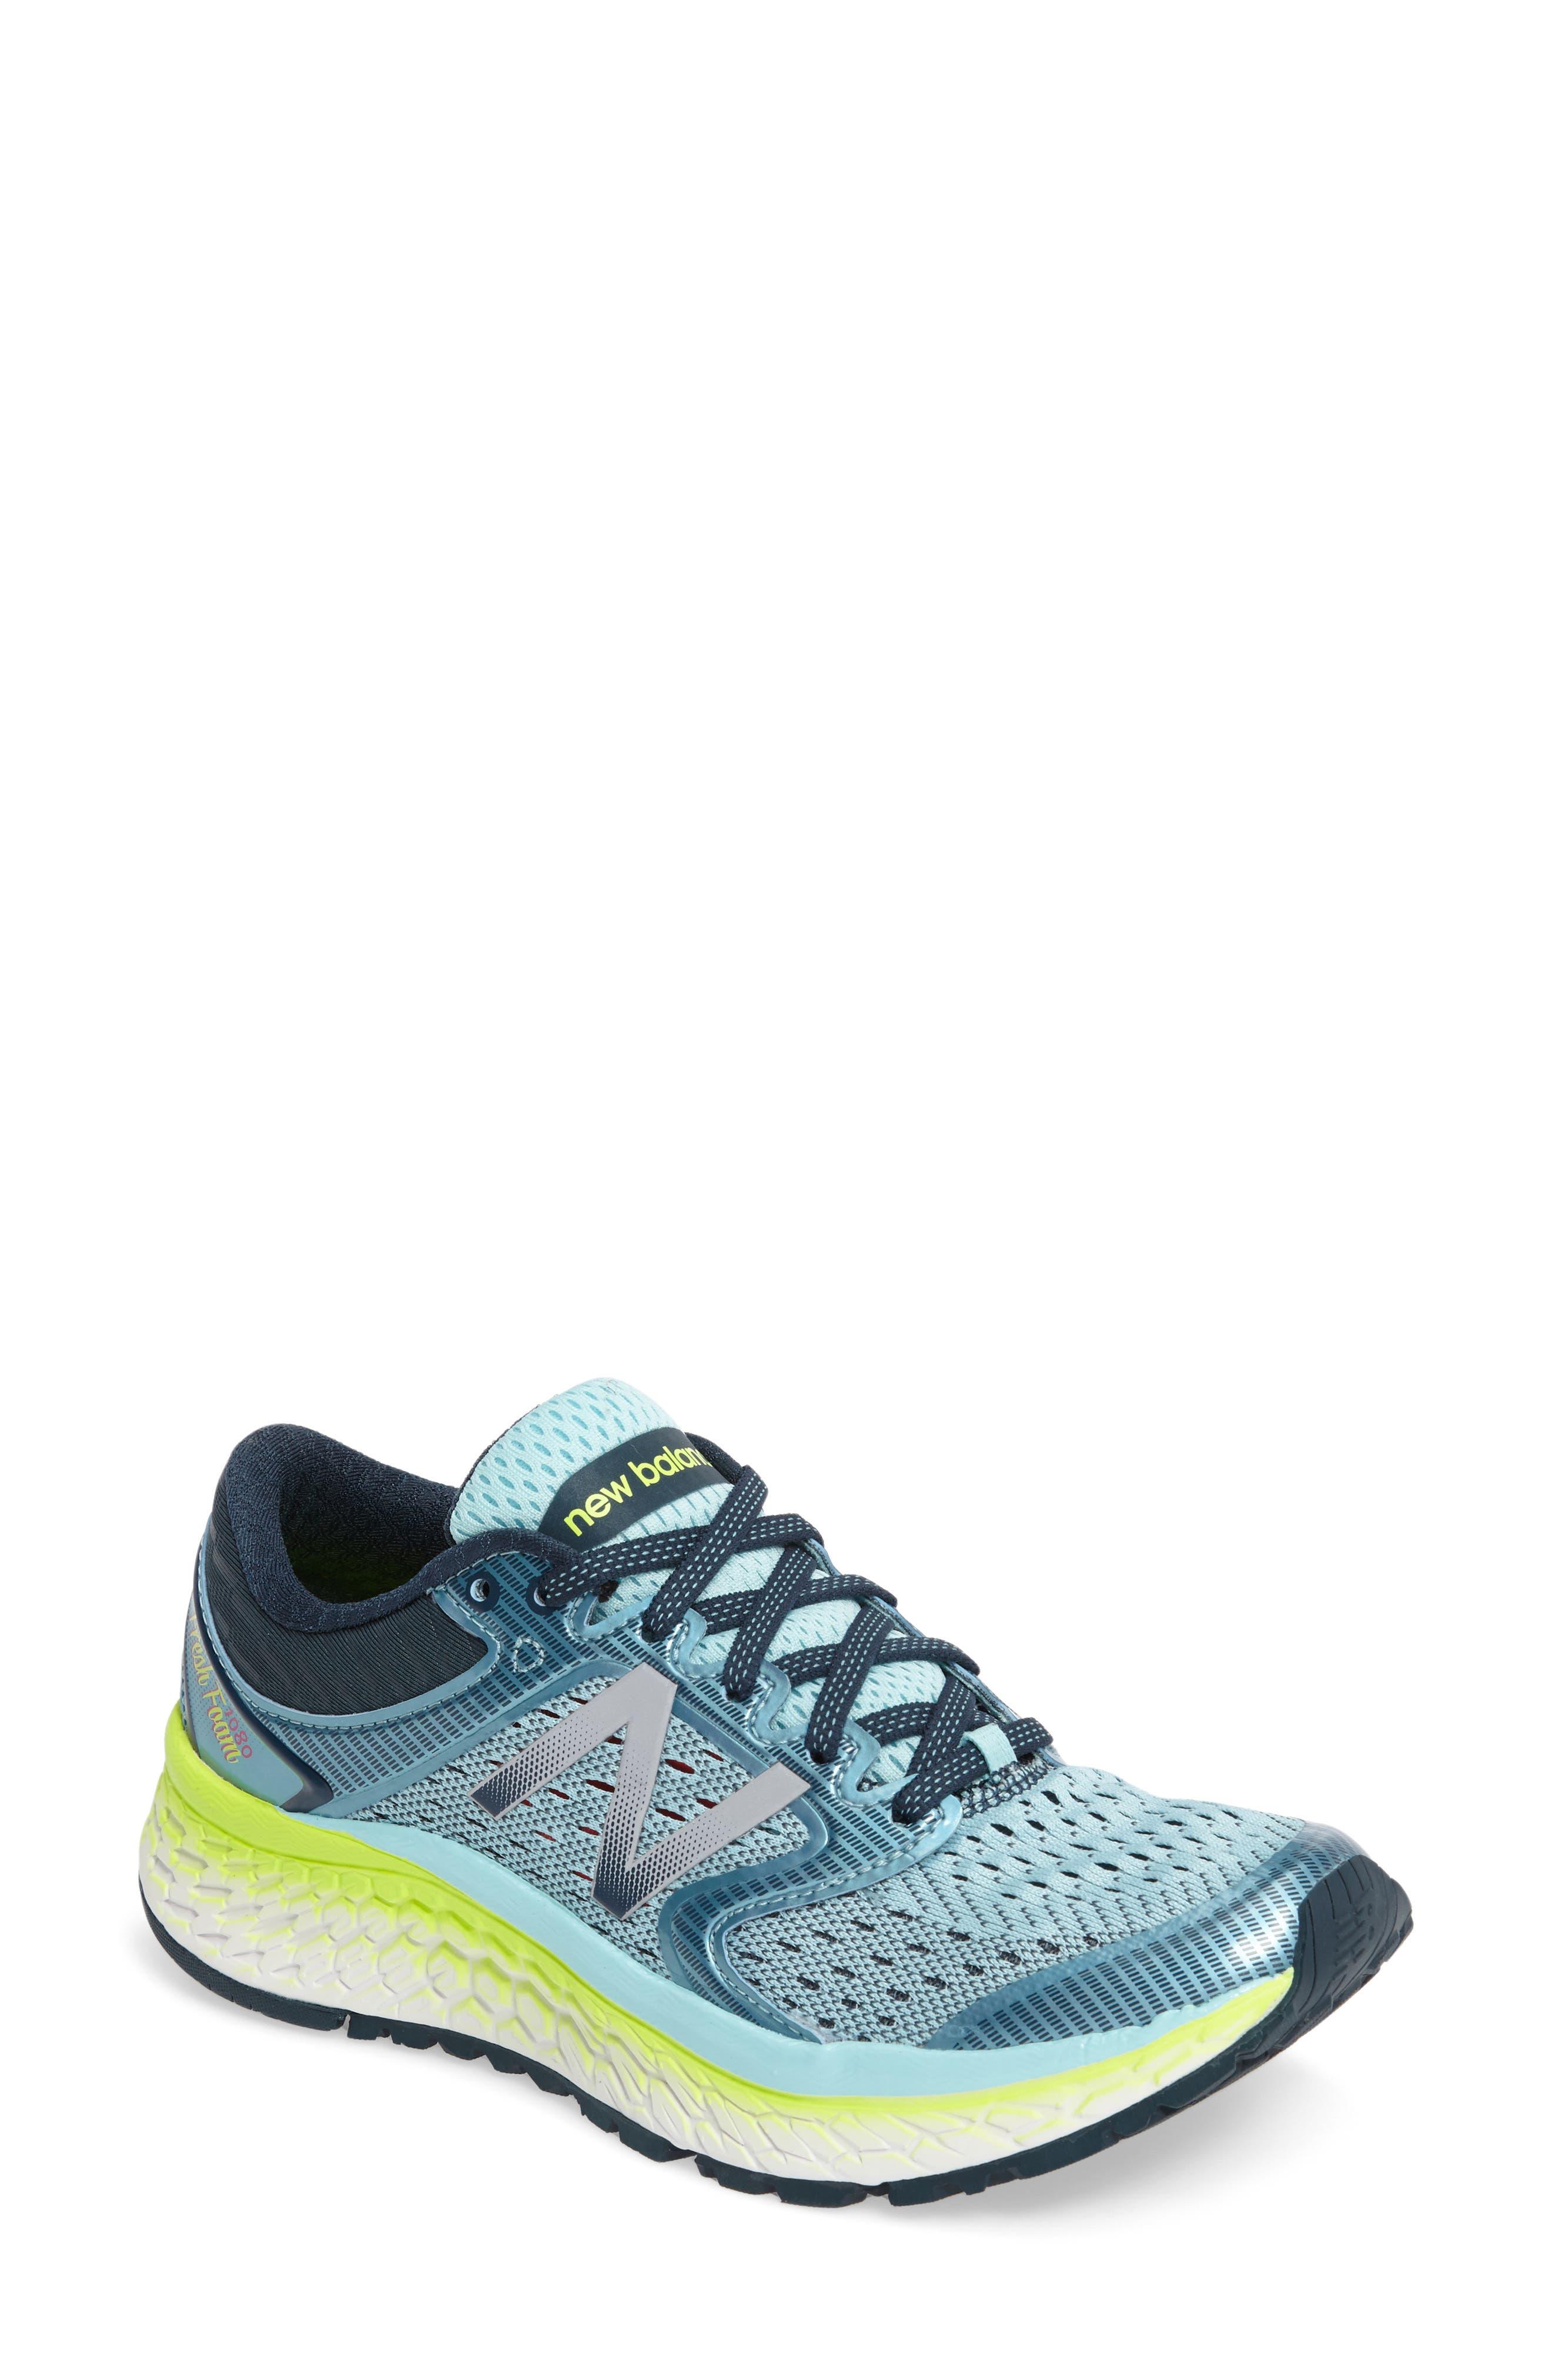 '1080 - Fresh Foam' Running Shoe,                             Main thumbnail 1, color,                             OZONE BLUE GLOW